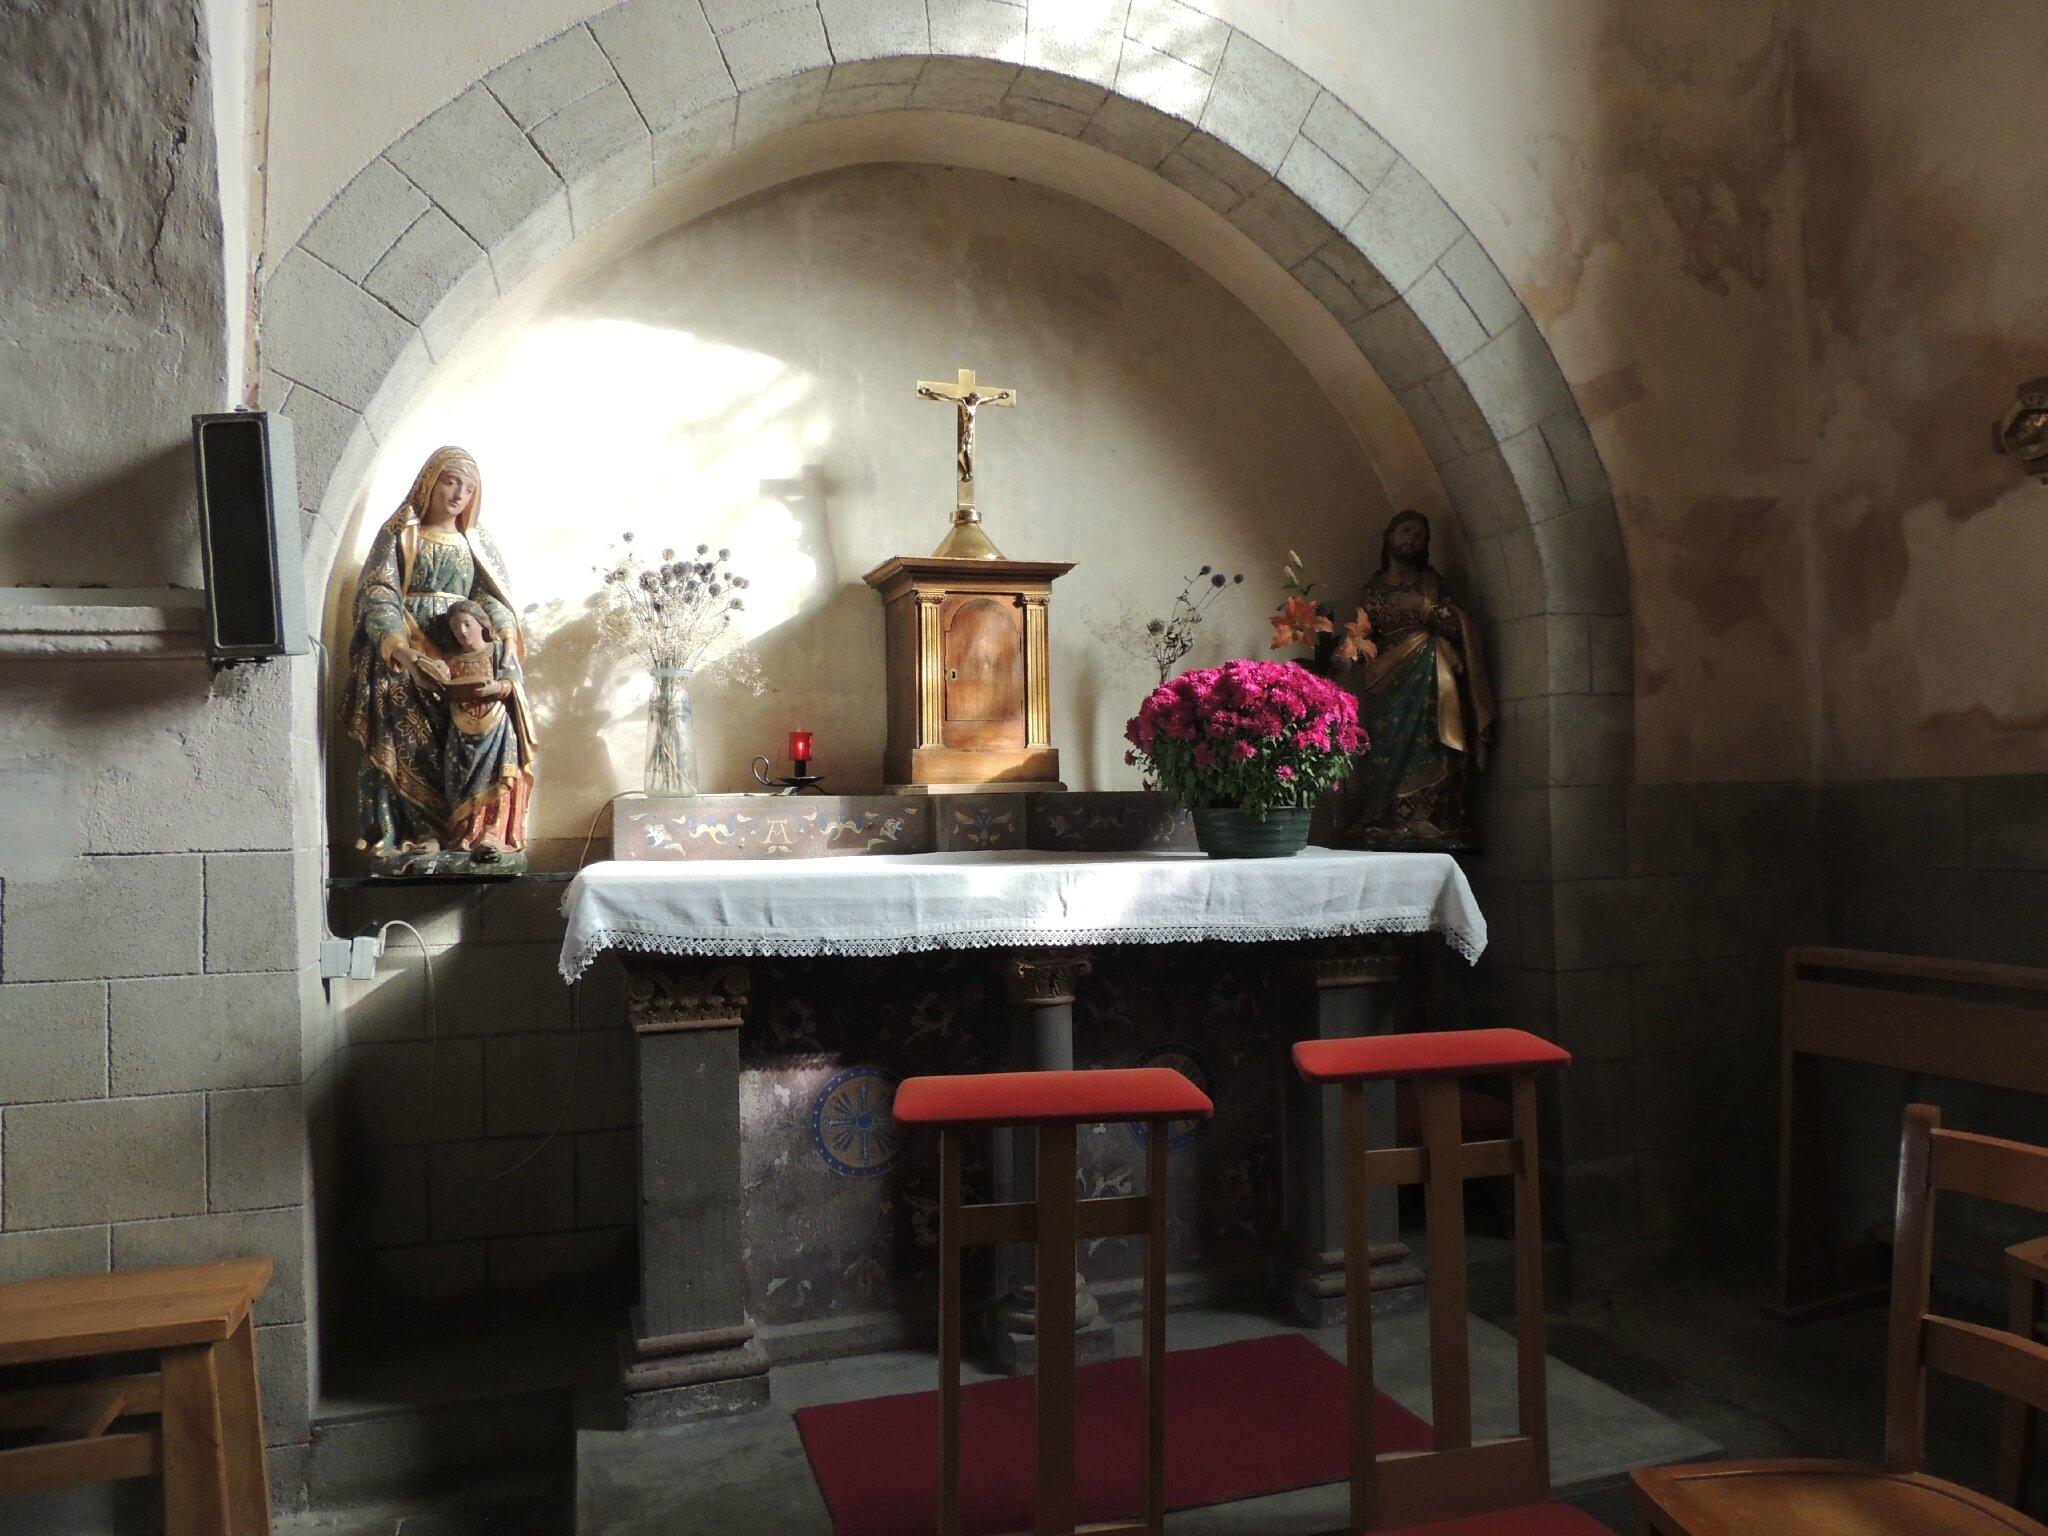 Eglise Saint-André, Coudes -63- (13)